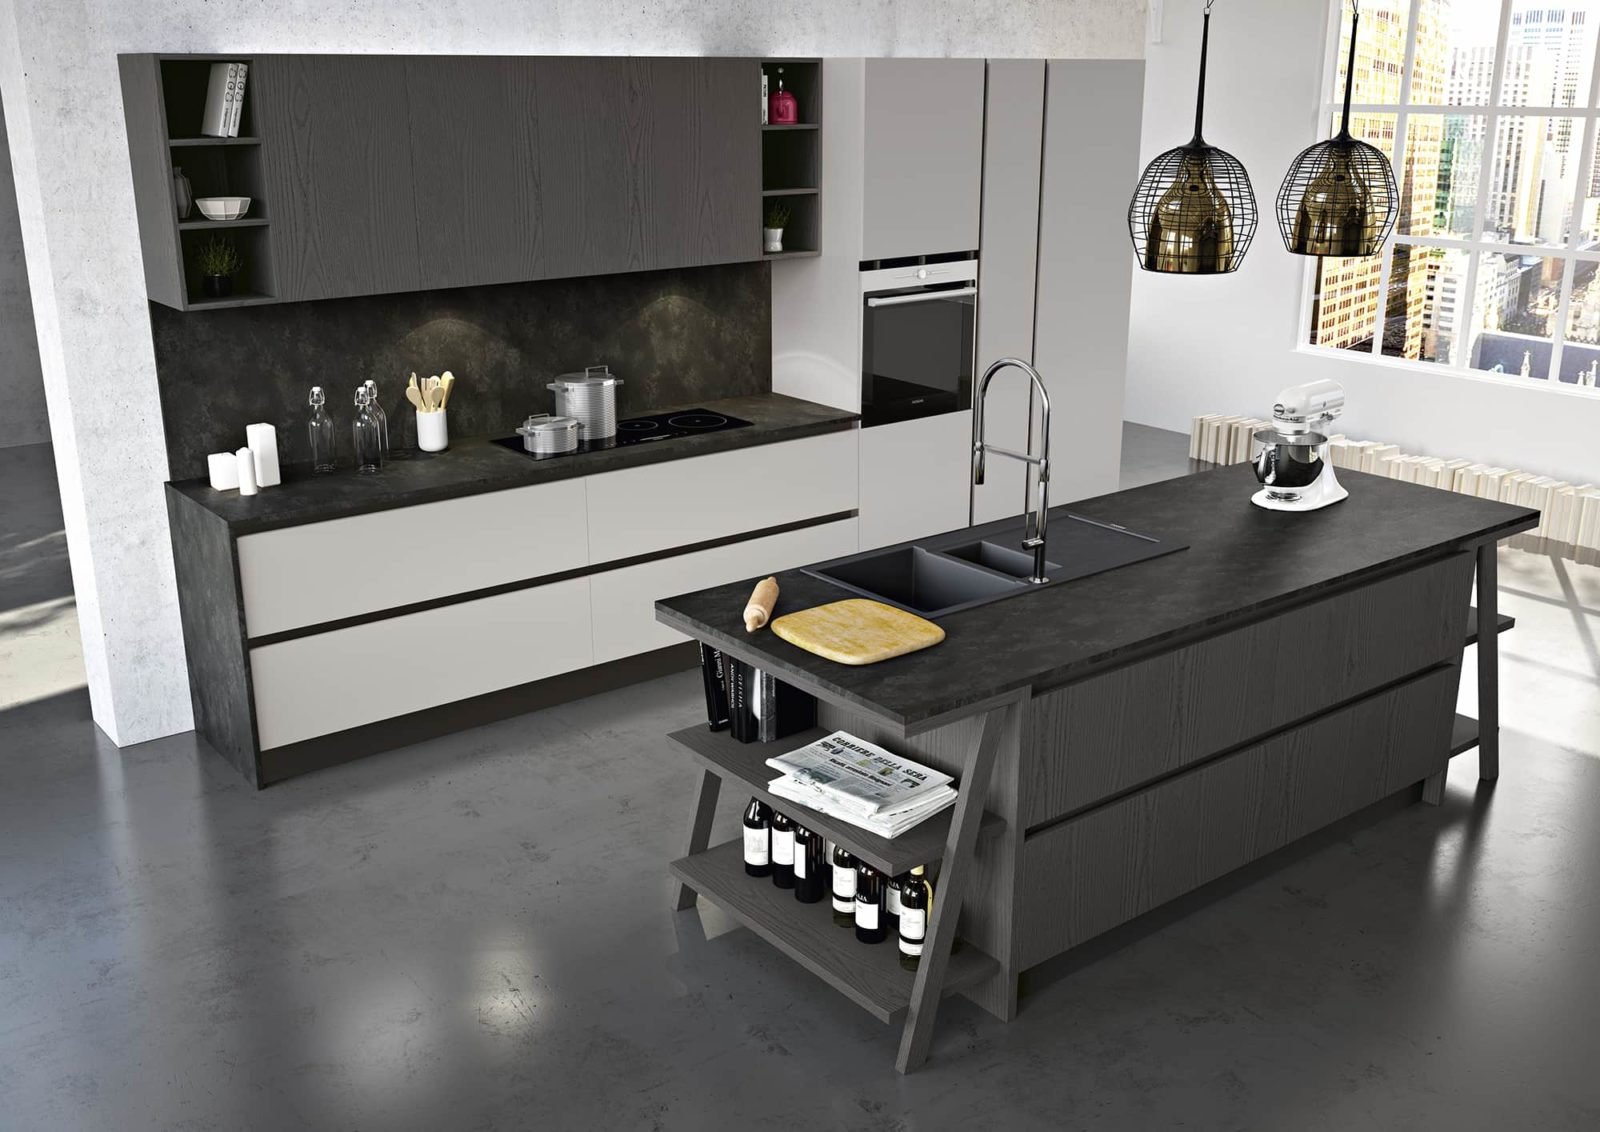 Cucine moderne con isola arredamenti meneghello - Immagine cucine moderne ...